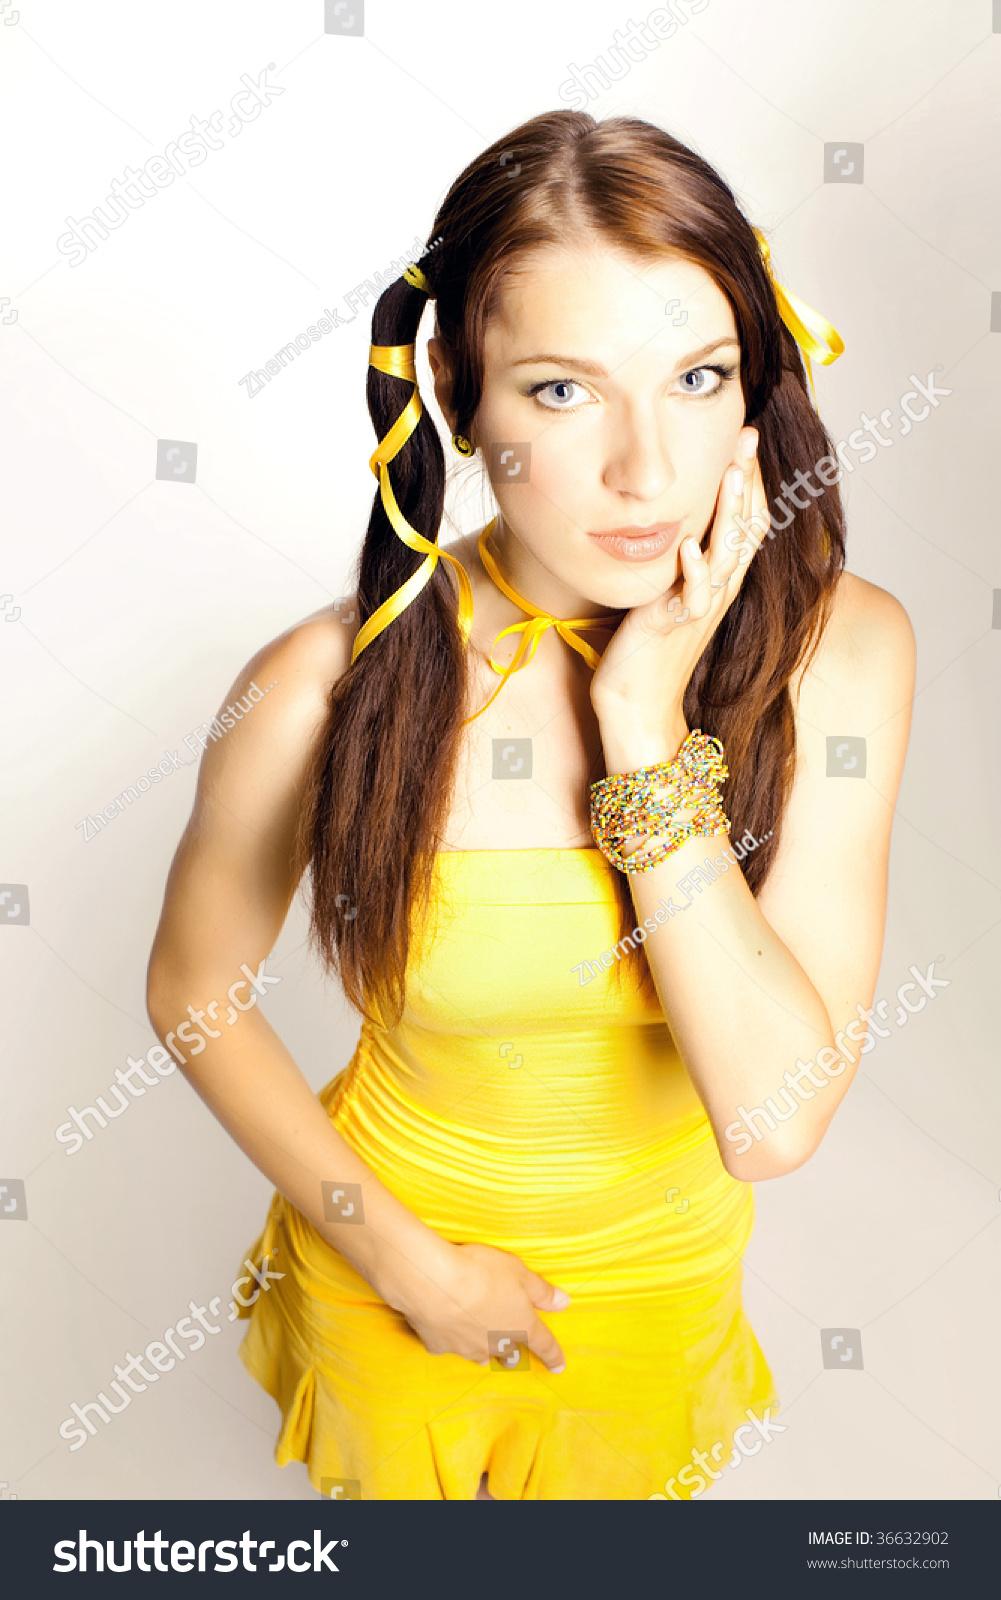 Желтый секс девушка